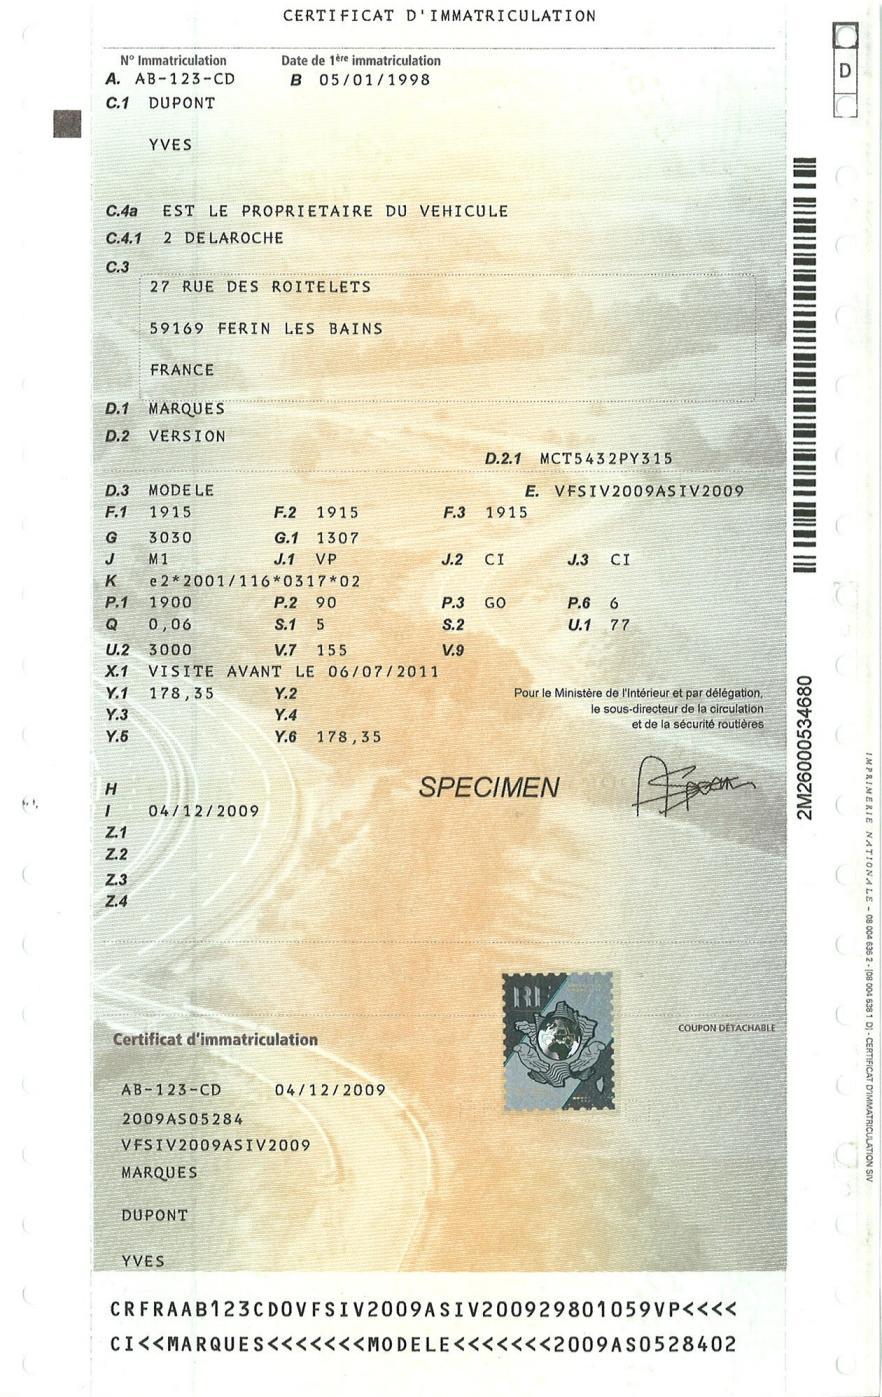 Lire Et Comprendre Sa Carte Grise Certificat D Immatriculation